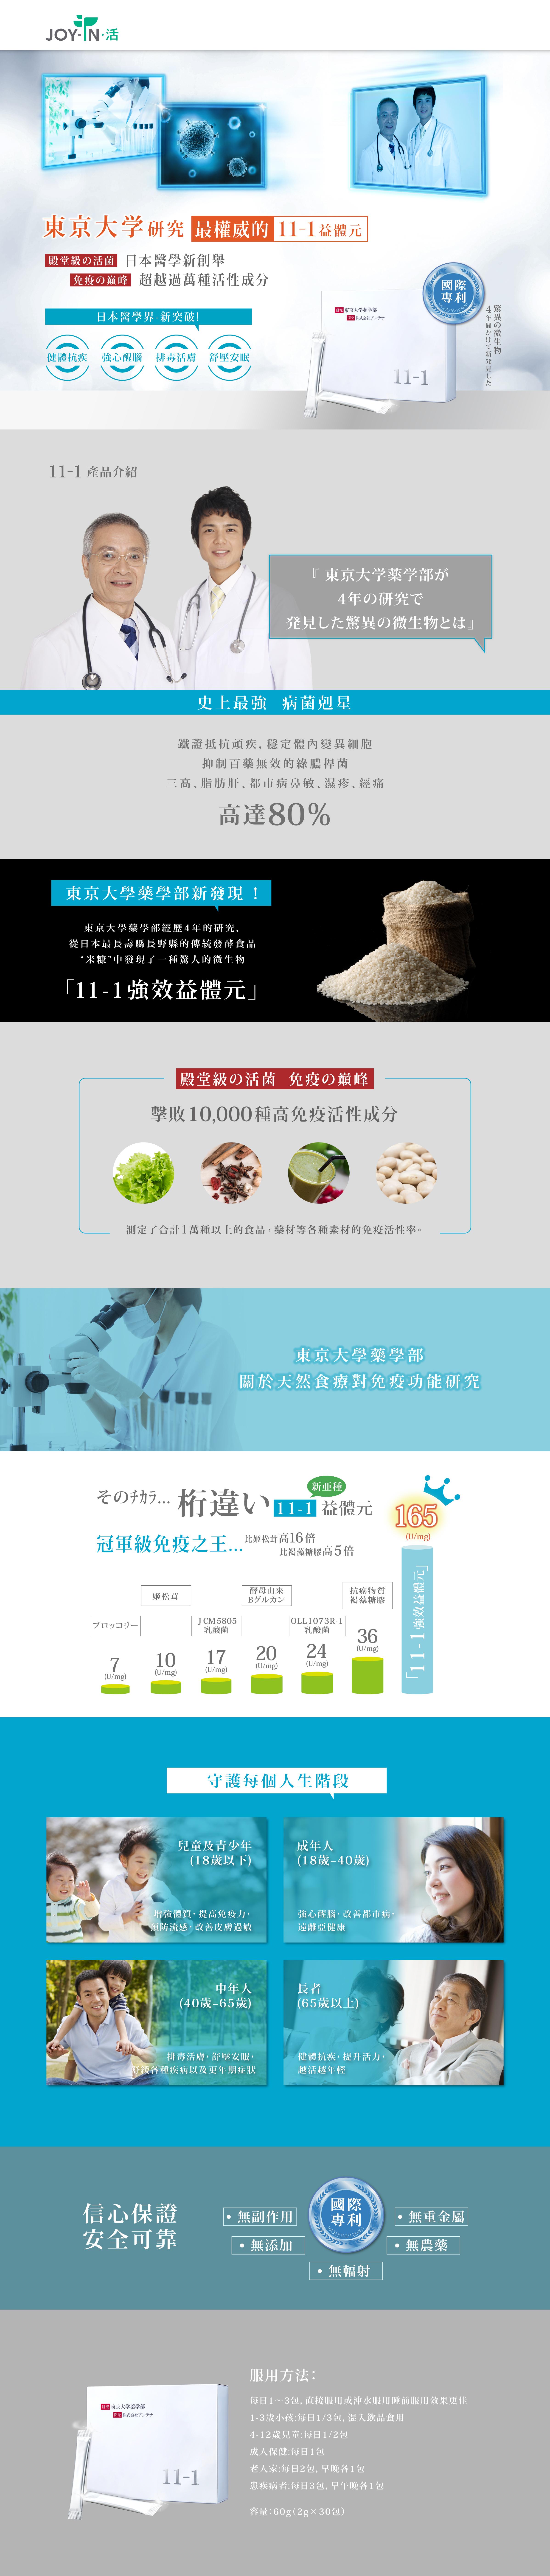 11-1強效益體元,東京大學藥學部研發,有助提升免疫力,改善三高,鼻敏感及腸道健康,皮膚敏感,適合不同年齡層,一眾KOL及BLOGGER推薦及好評